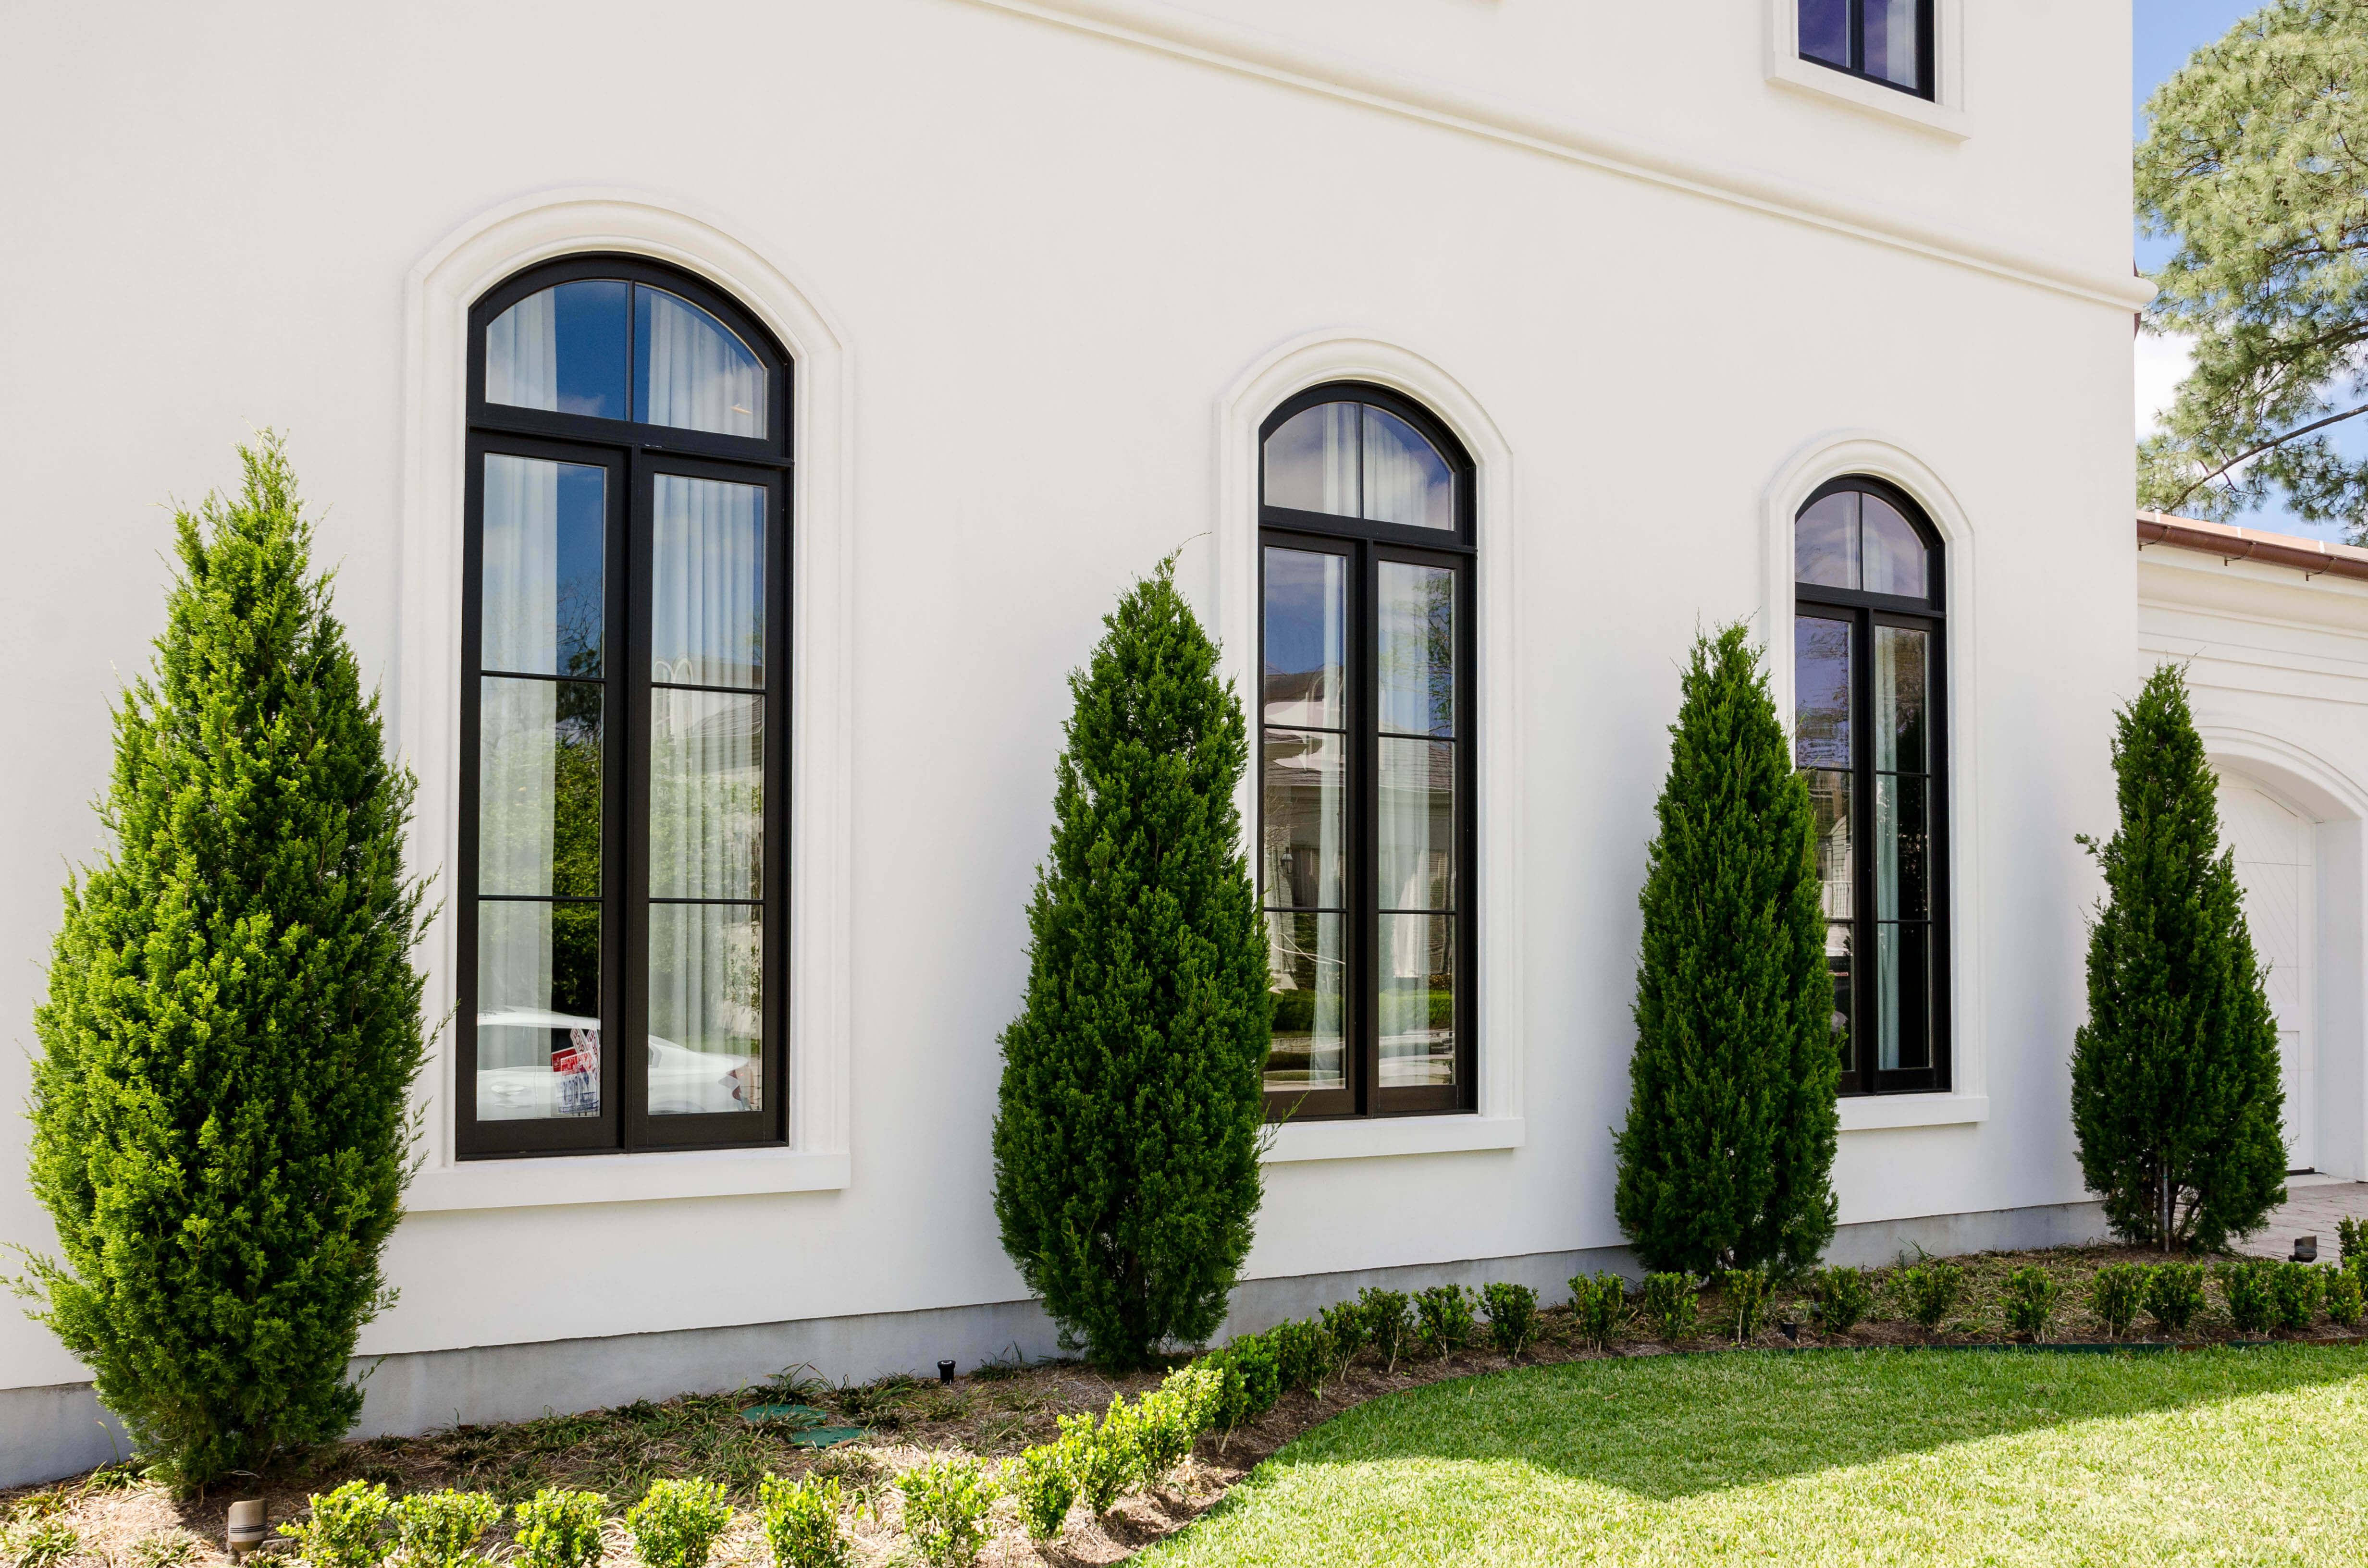 & Windows - Vinyl Aluminum Wood Clad Windows Jefferson Door